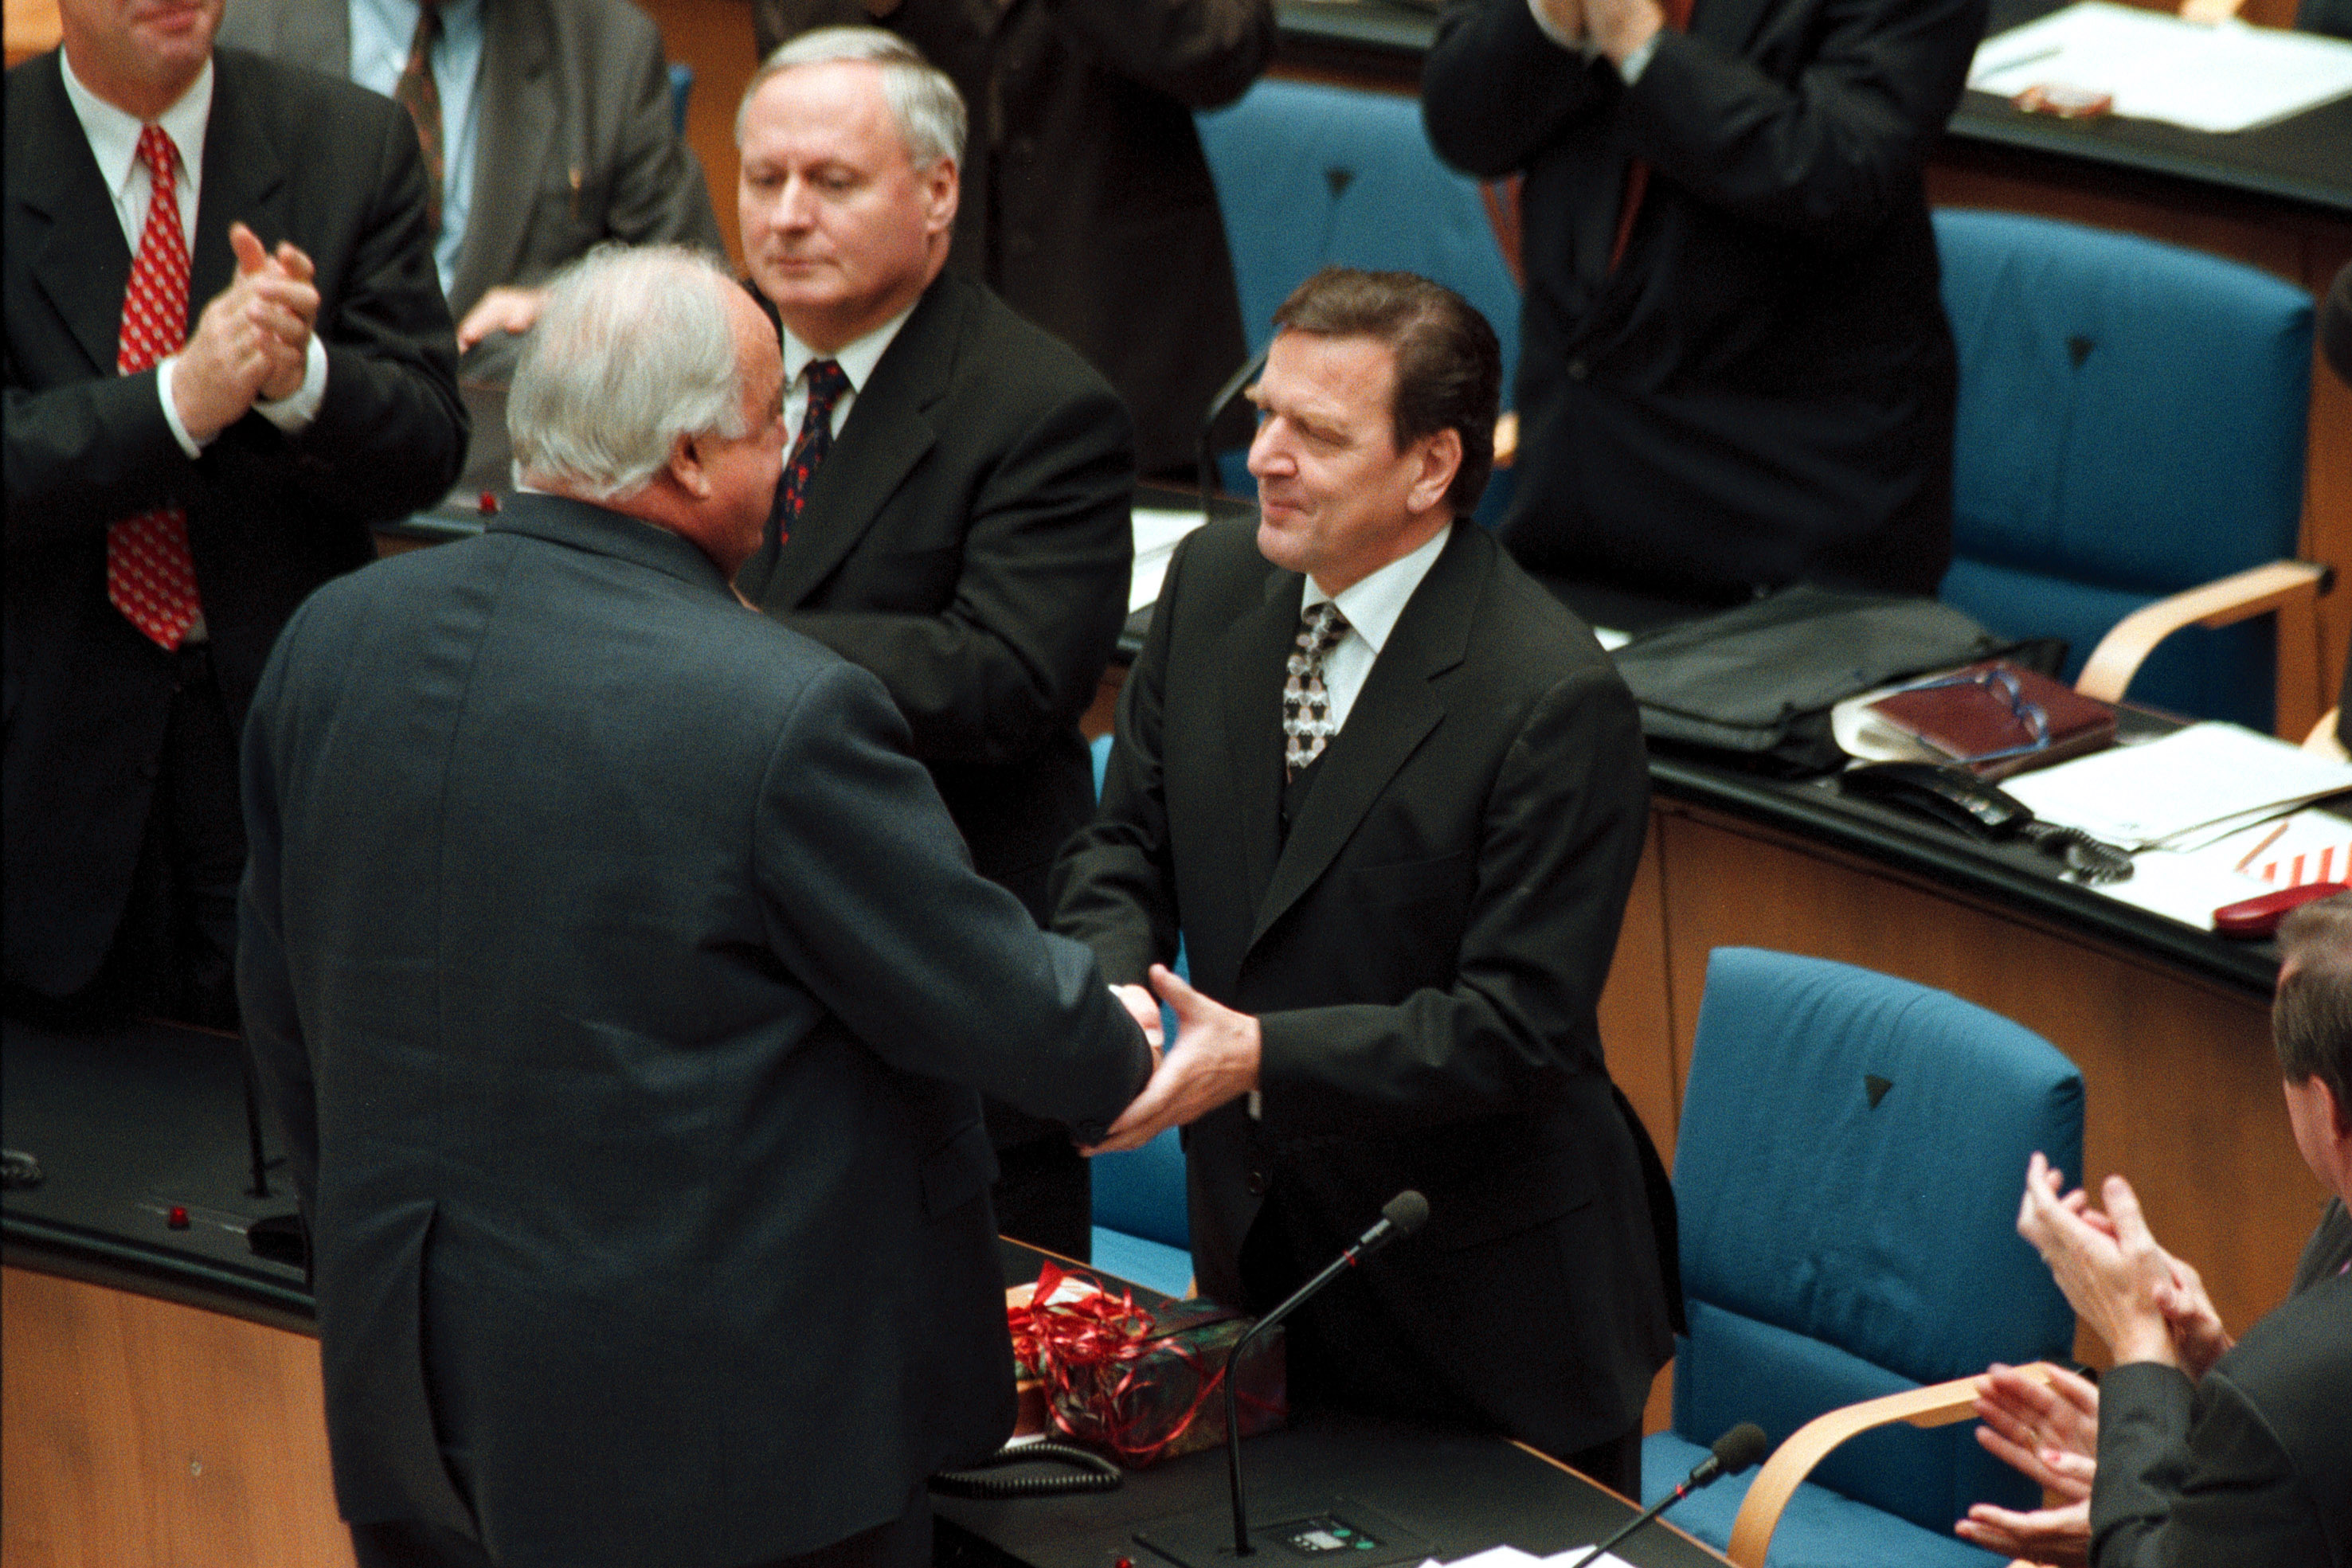 bundeskanzler von 1998 bis 2005 helmut kohl gratuliert gerhard schrder - Gerhard Schrder Lebenslauf